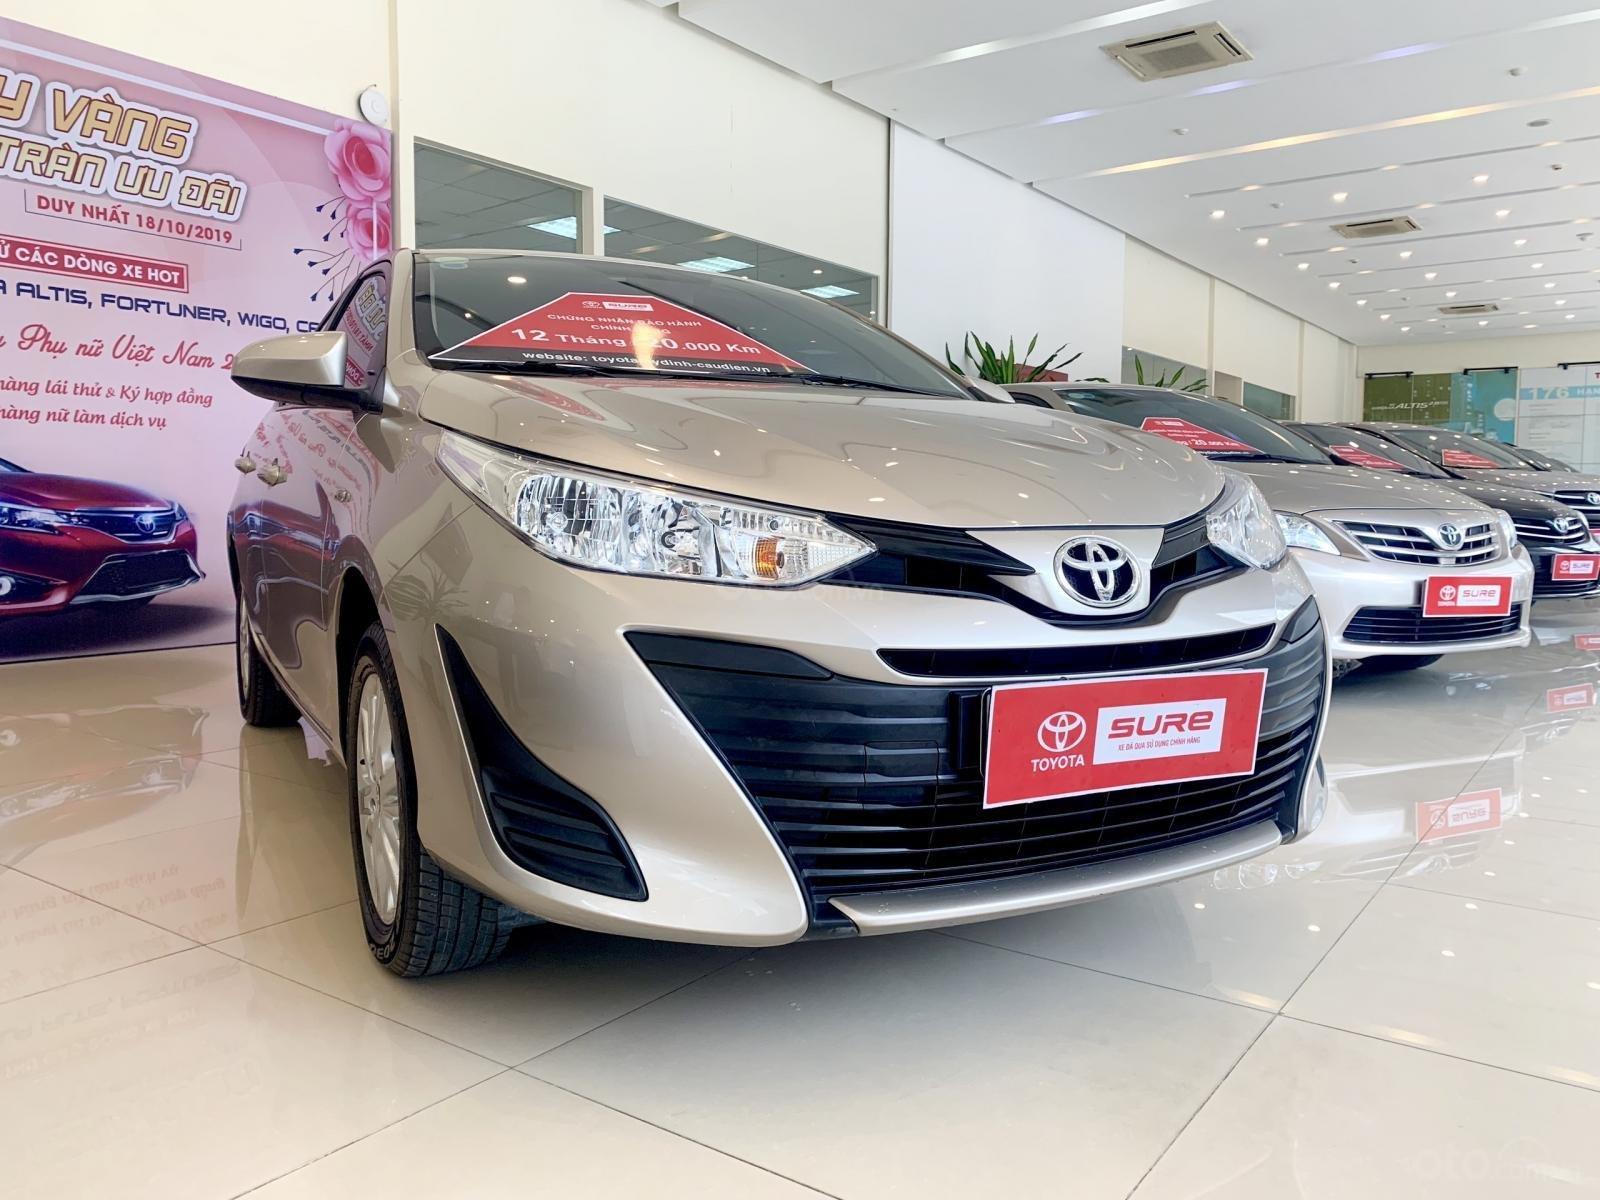 Bán xe Toyota Vios E đời 2019 màu nâu vàng (9)